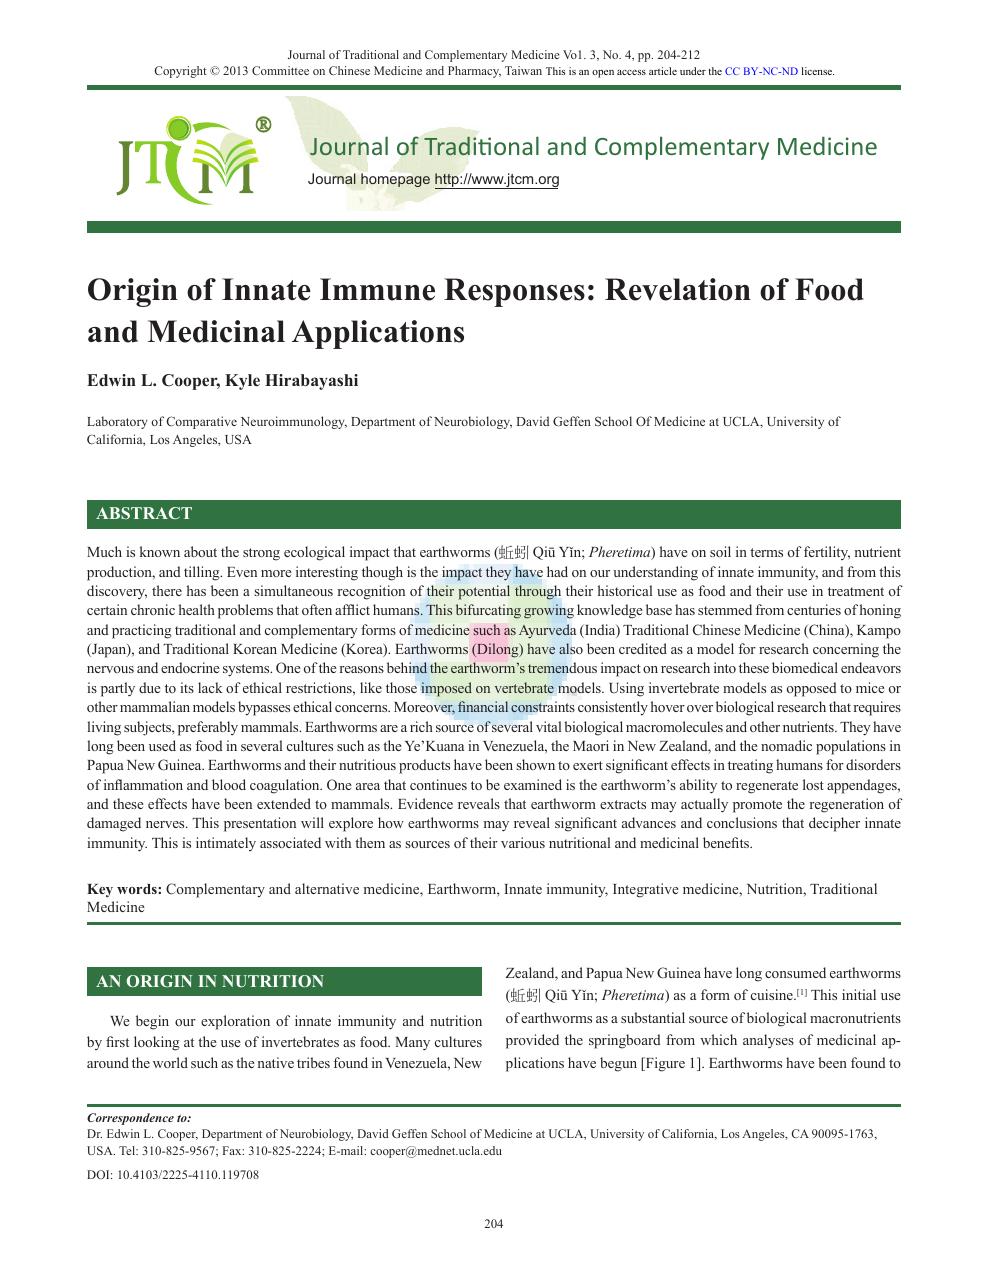 Origin of Innate Immune Responses: Revelation of Food and Medicinal